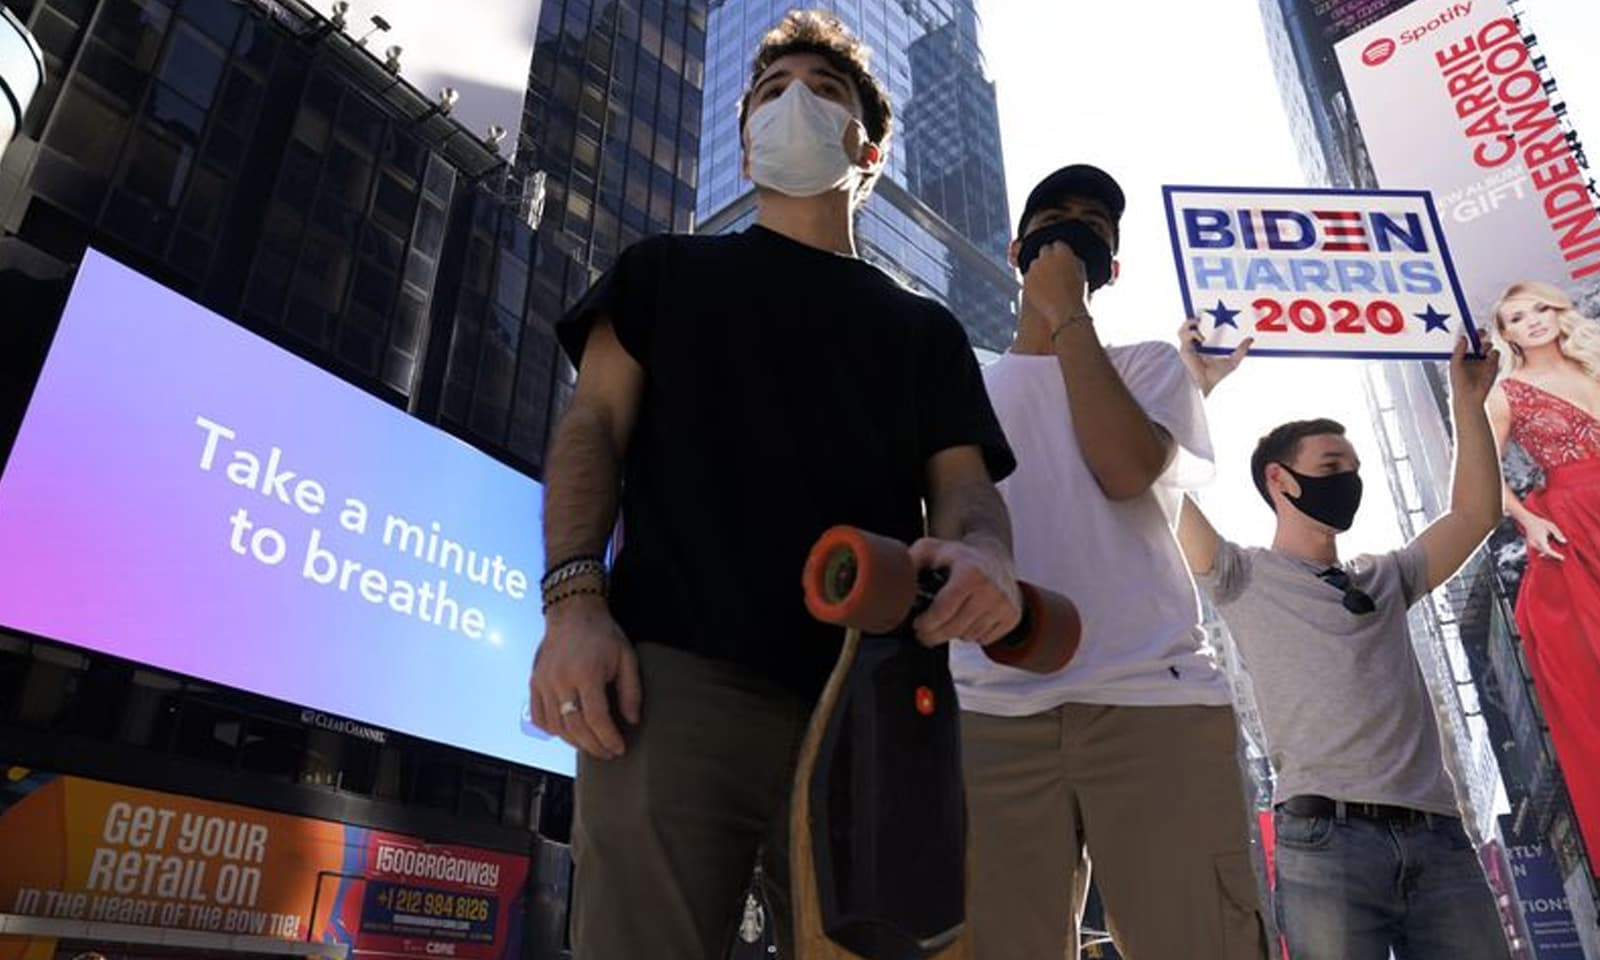 نیویارک ٹائمز اسکوائر میں بھی عوام کی ایک بڑی تعداد نے بائیڈن کی فتح کا جشن منایا — فوٹو:اے پی